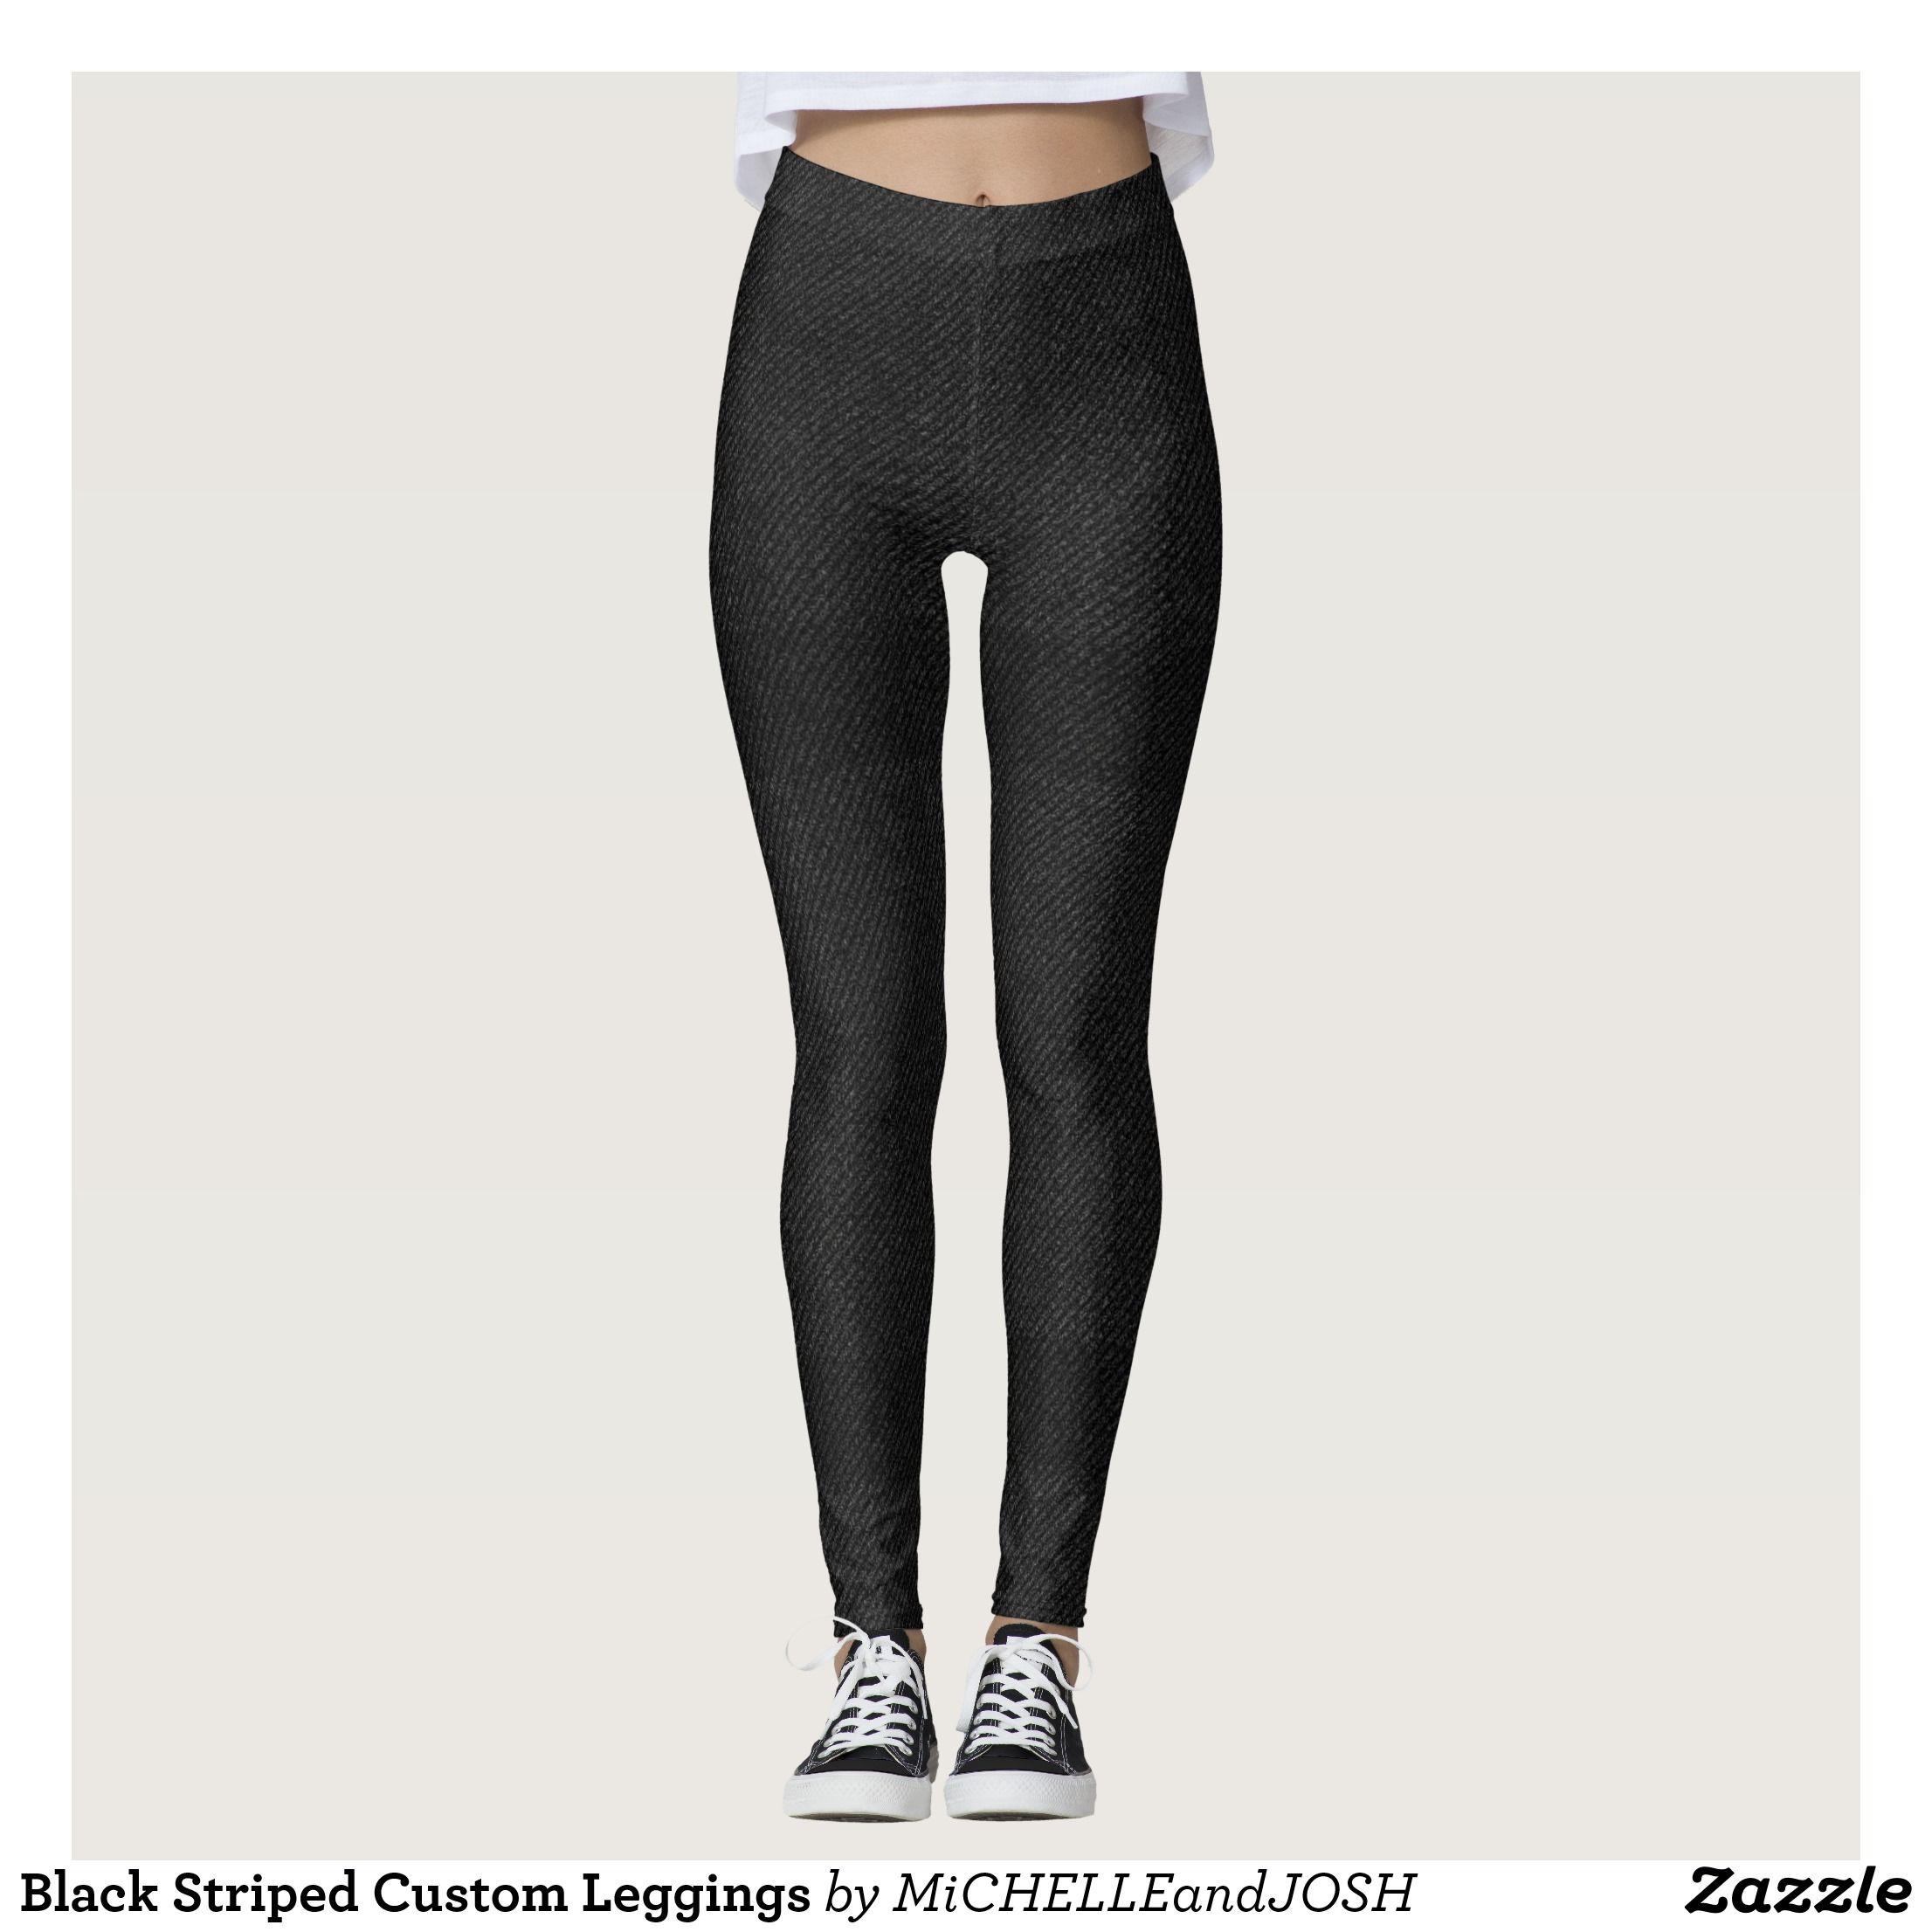 d59030868106 Black Striped Custom Leggings   Beautiful  Yoga Pants -  Exercise Leggings  and  Running